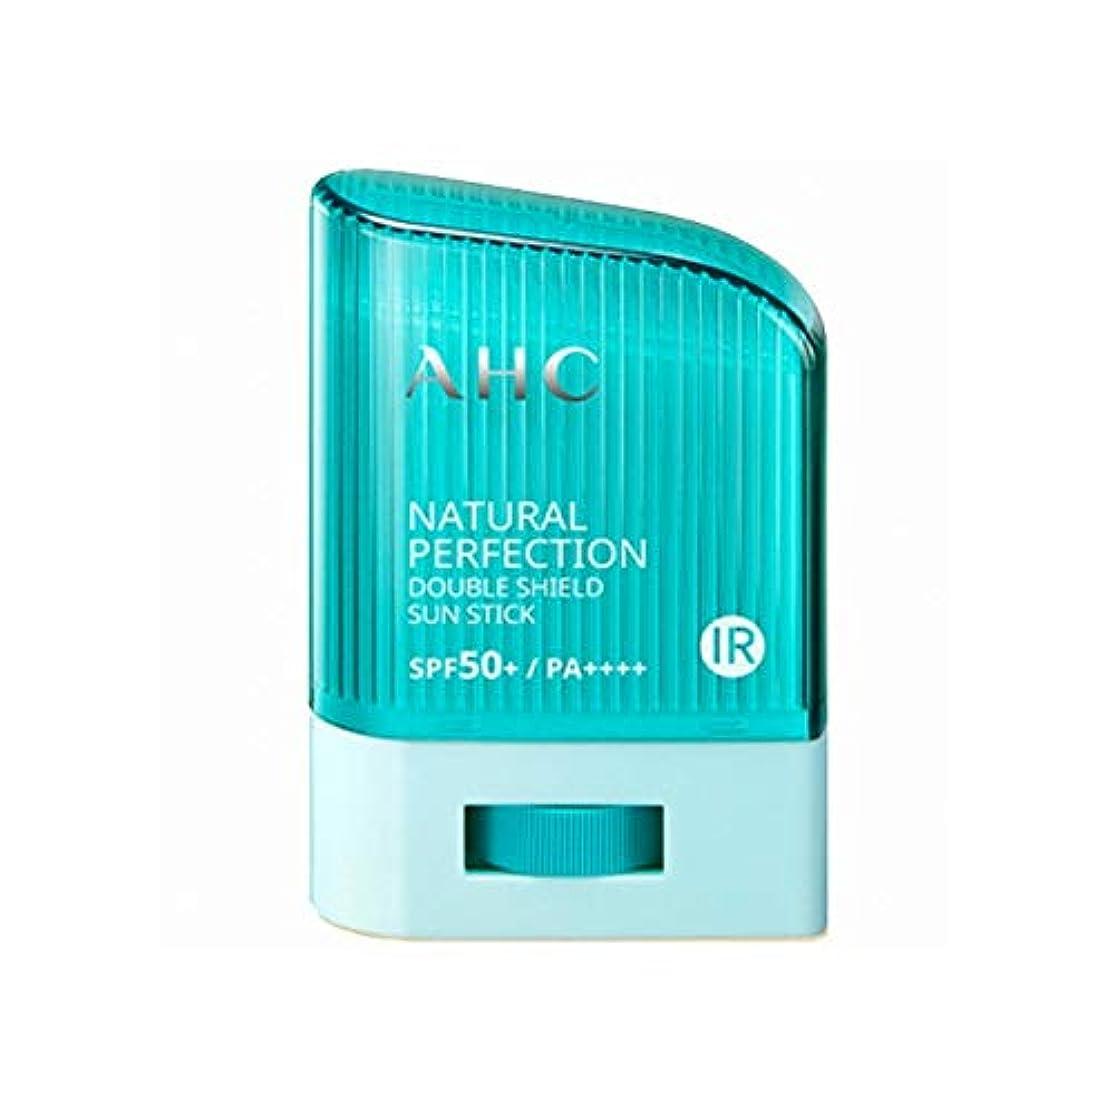 名前船形郵便物AHC ナチュラルパーフェクションダブルシールドサンスティック 14g, Natural Perfection Double Shield Sun Stick SPF50+ PA++++ A.H.C